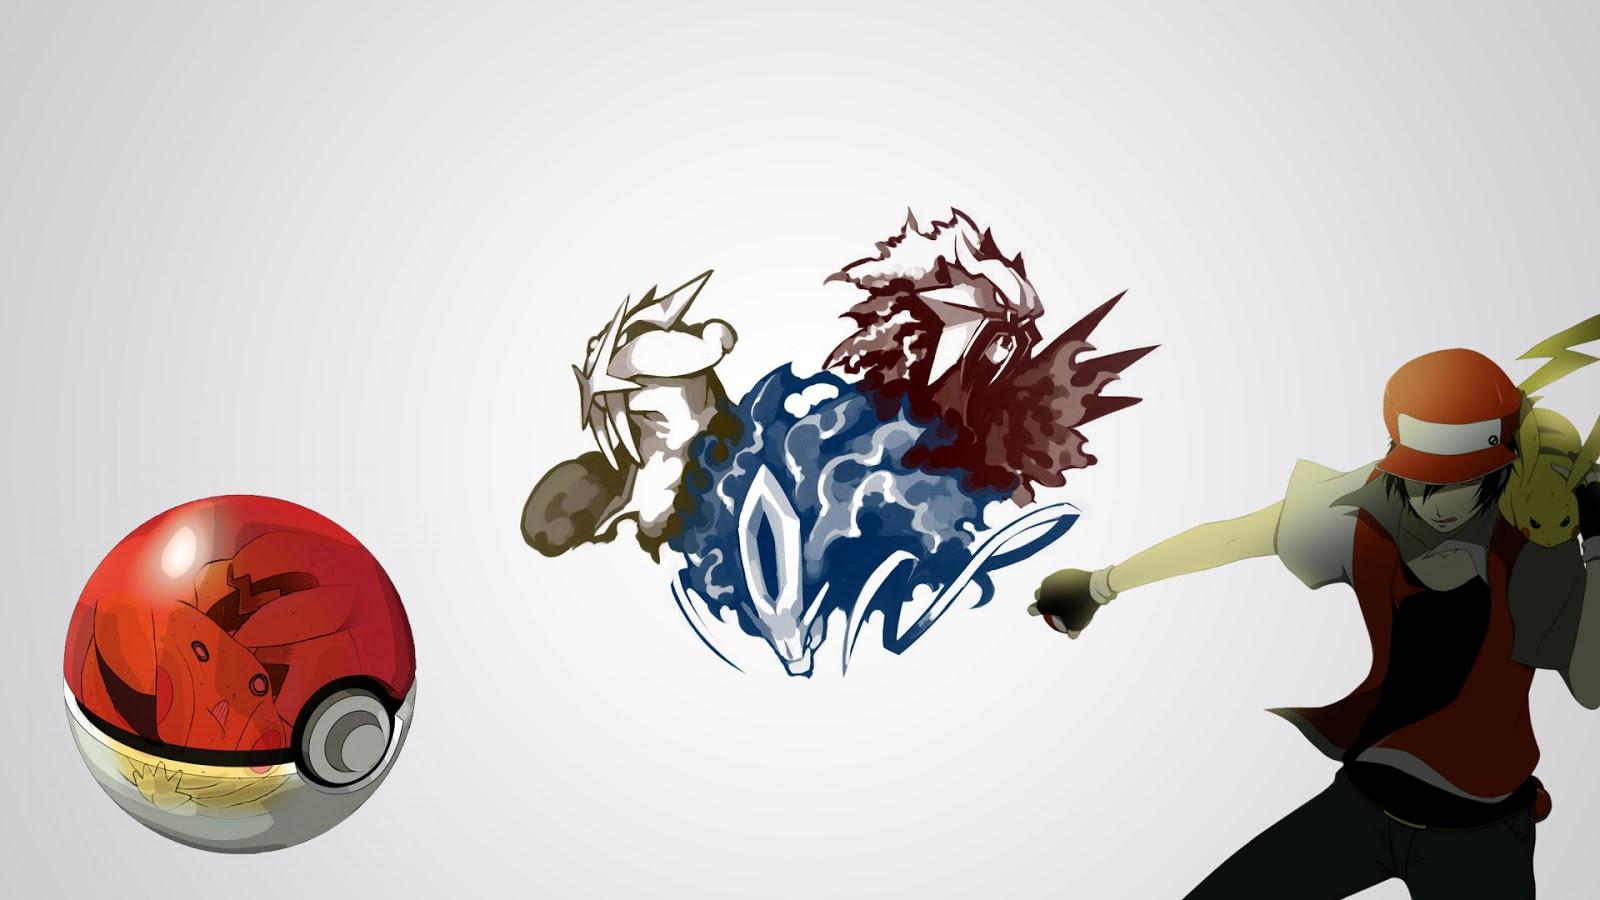 Ảnh nền Pokemon đẹp nhất